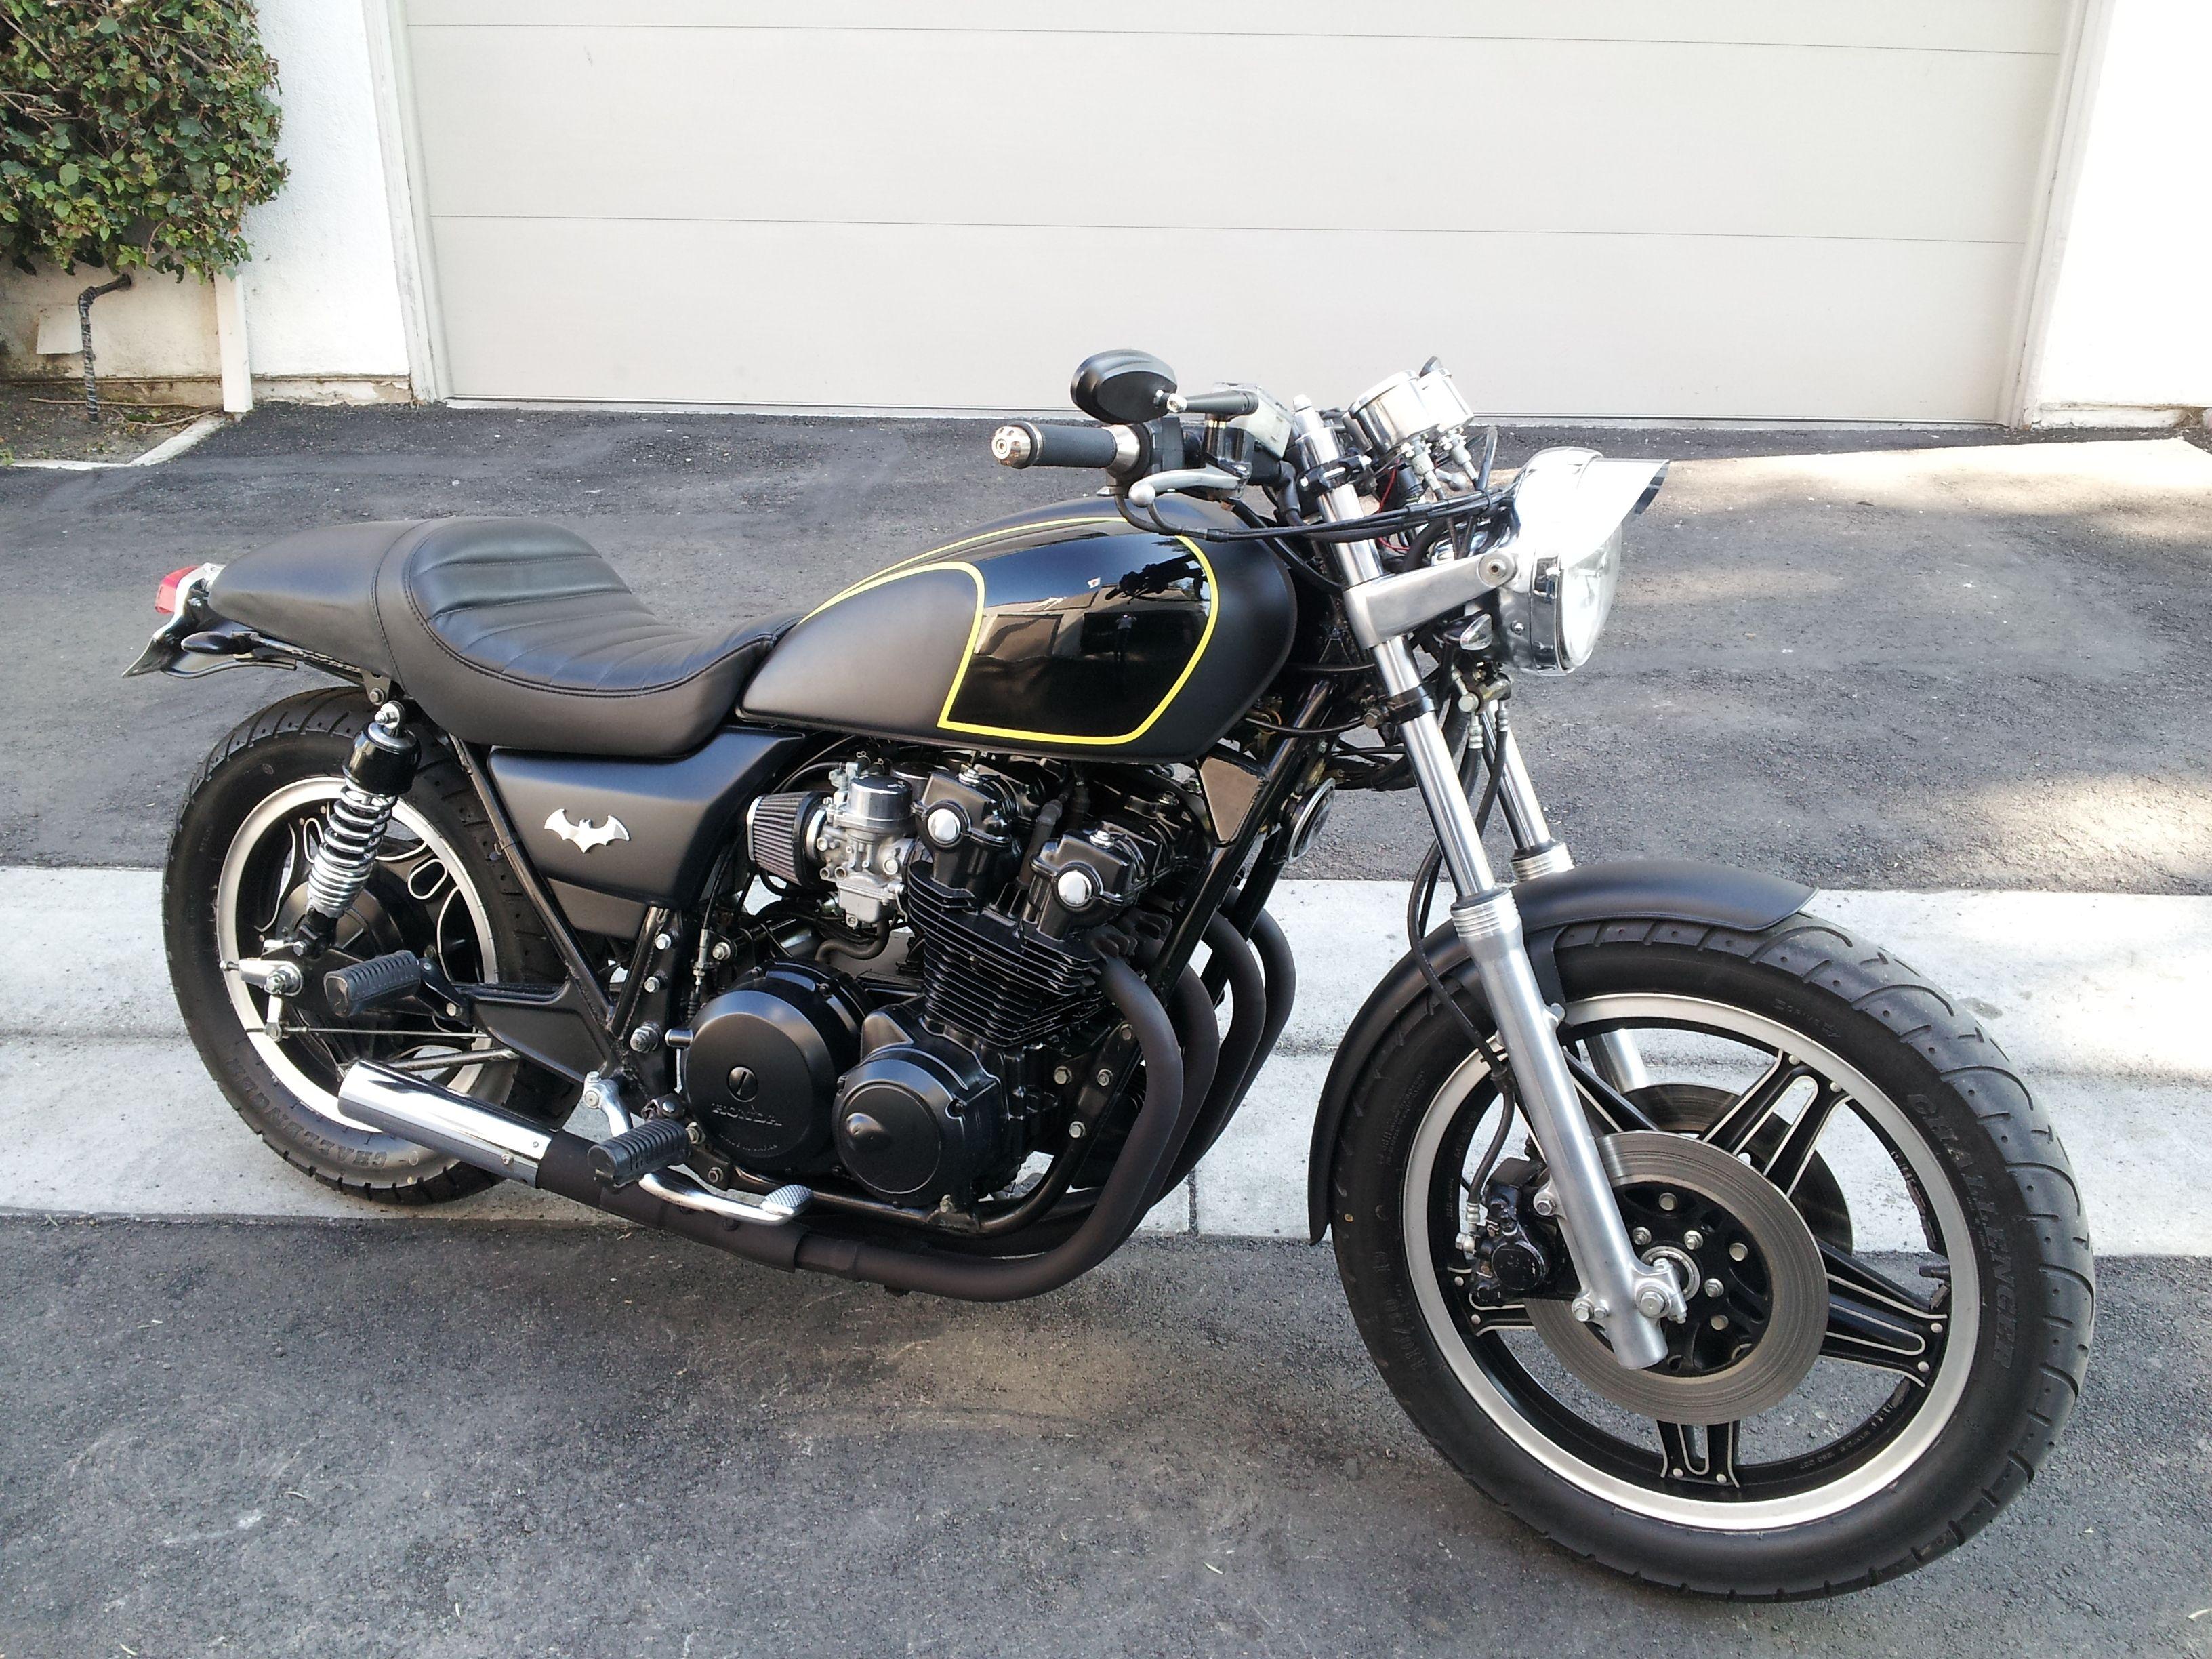 Honda Cb750c Modified Just A Bit My 2nd Bike And Version Of A Bat Bike Honda Cb750 Honda Cb Motorcycle Design [ 2448 x 3264 Pixel ]